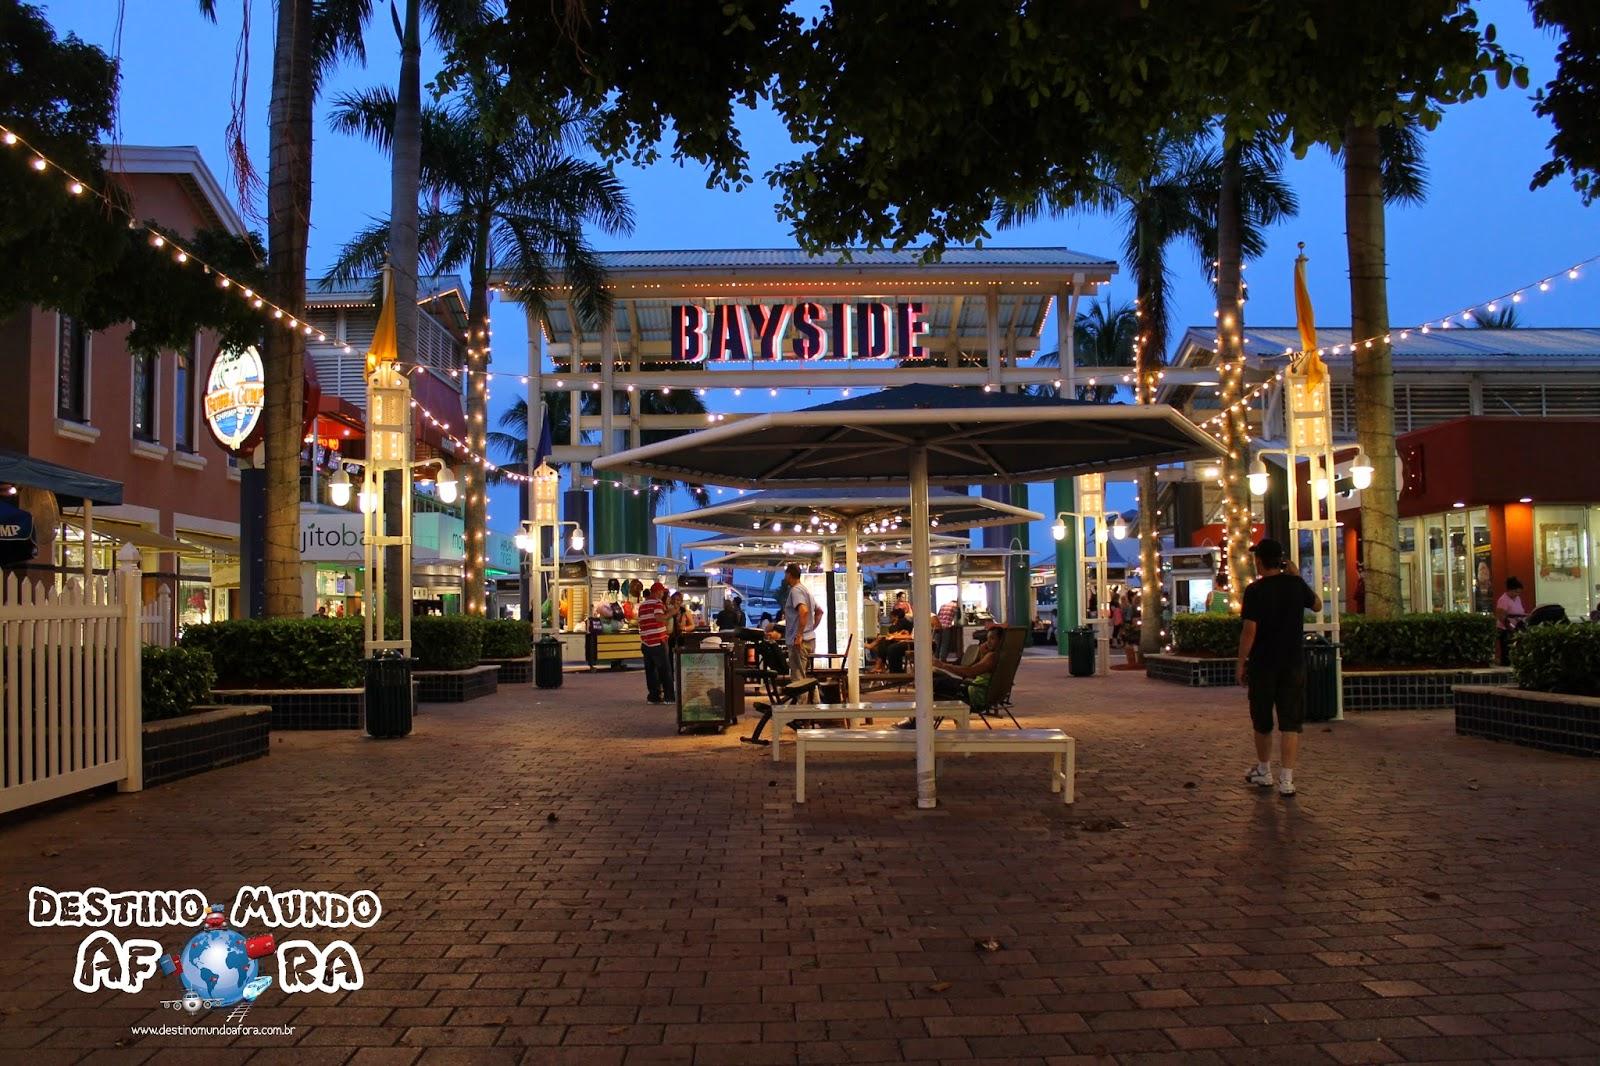 Bayside Marketplace: opção de compras, gastronomia e lazer